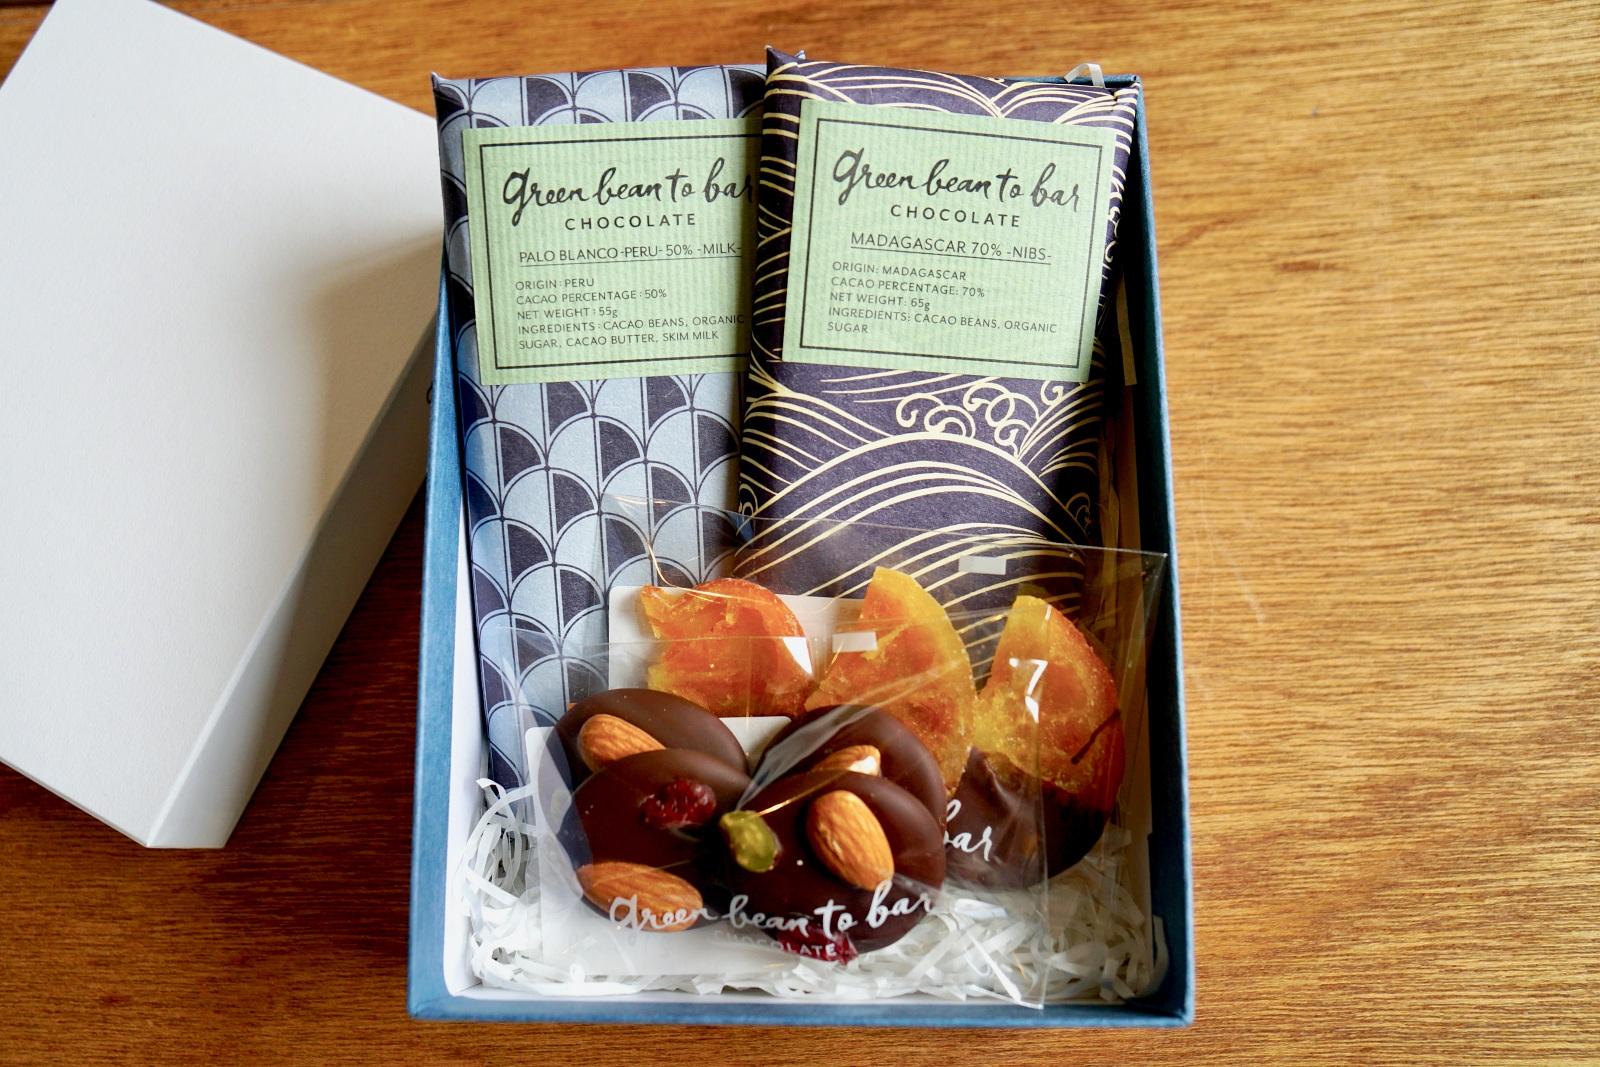 """グリーン ビーン トゥ バー チョコレート""""カカオ豆本来のフルーティな味を堪能できる受賞作セット。本物志向のこだわり派に"""""""